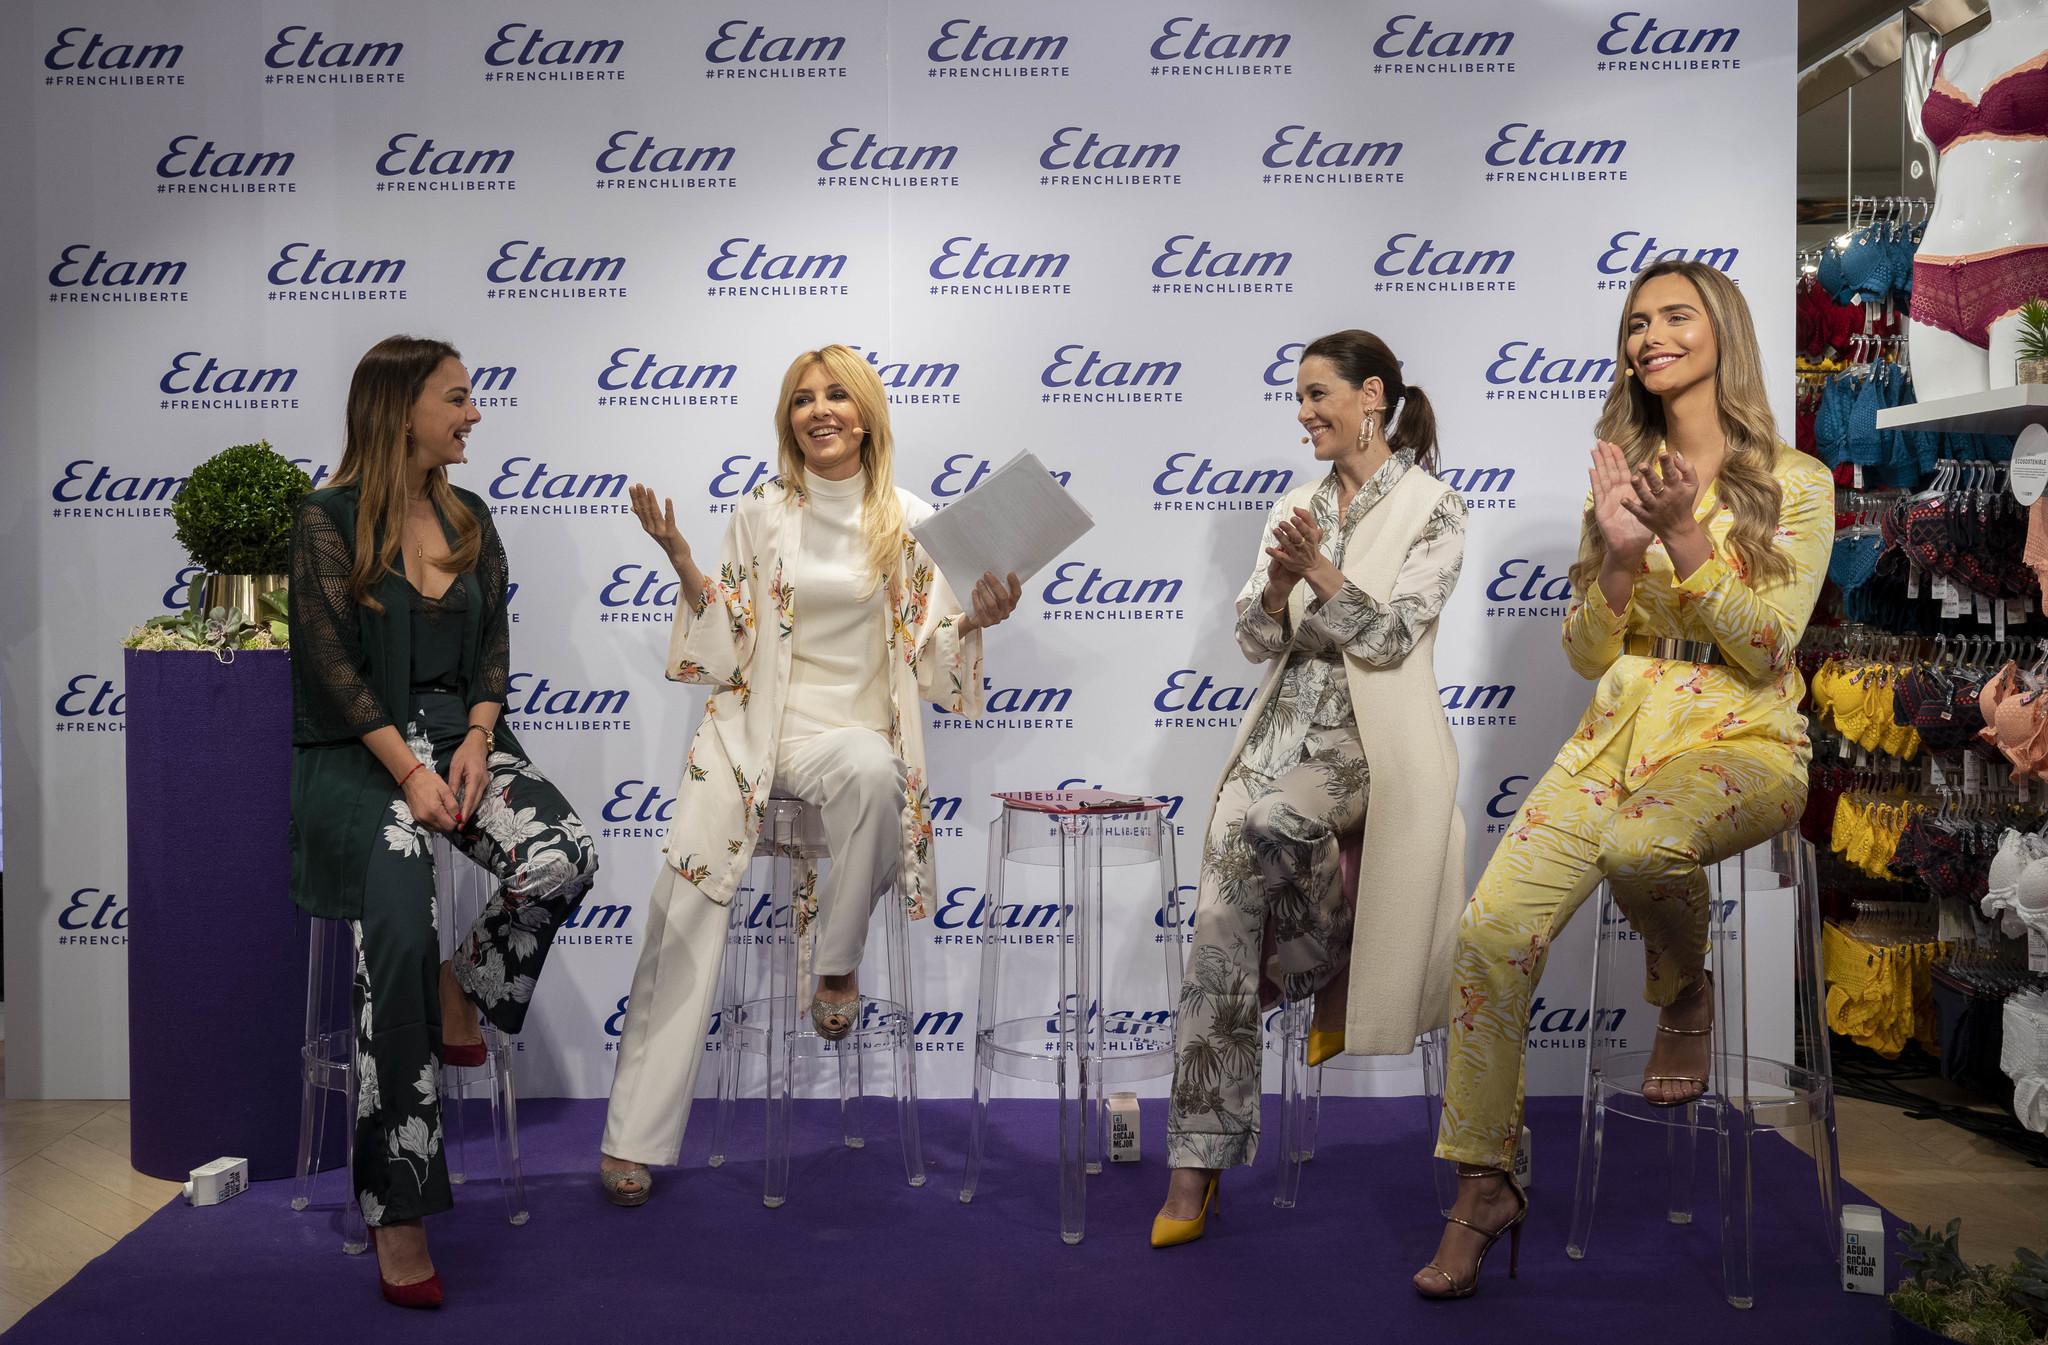 La tertulia con las celebrities en el evento de Etam